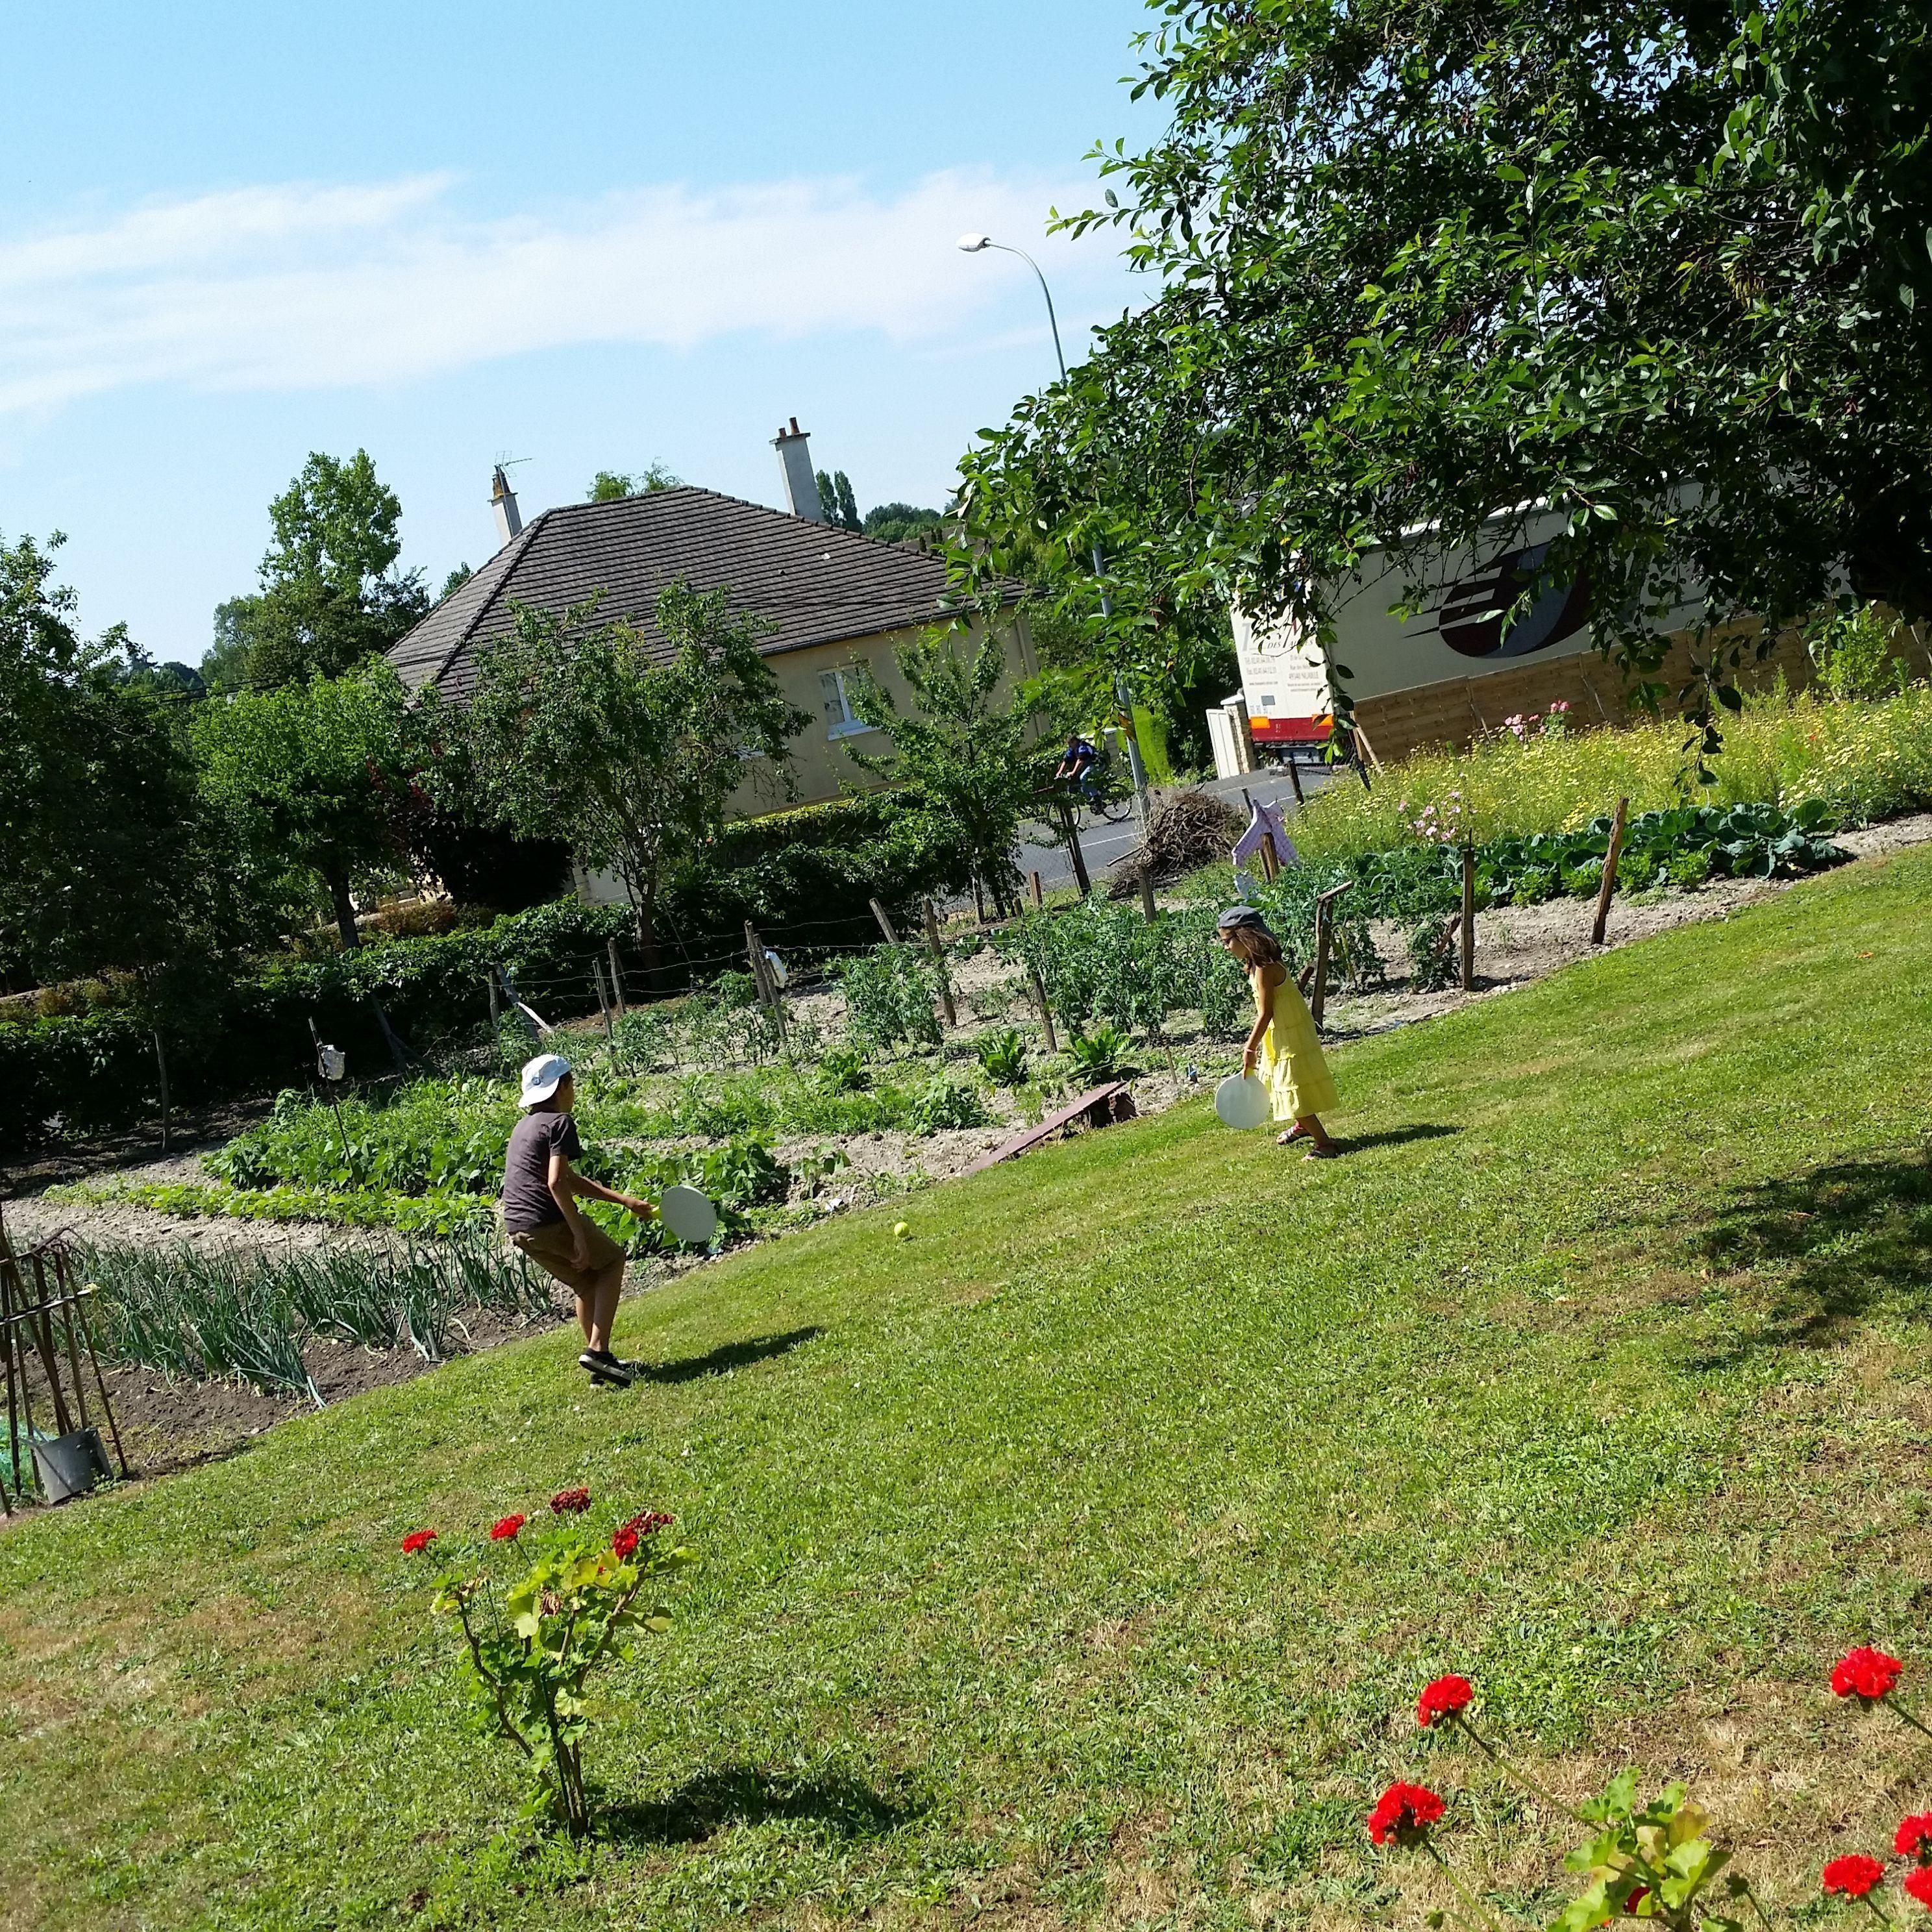 Une mamie comblee page 19 - Mamie baise dans le jardin ...